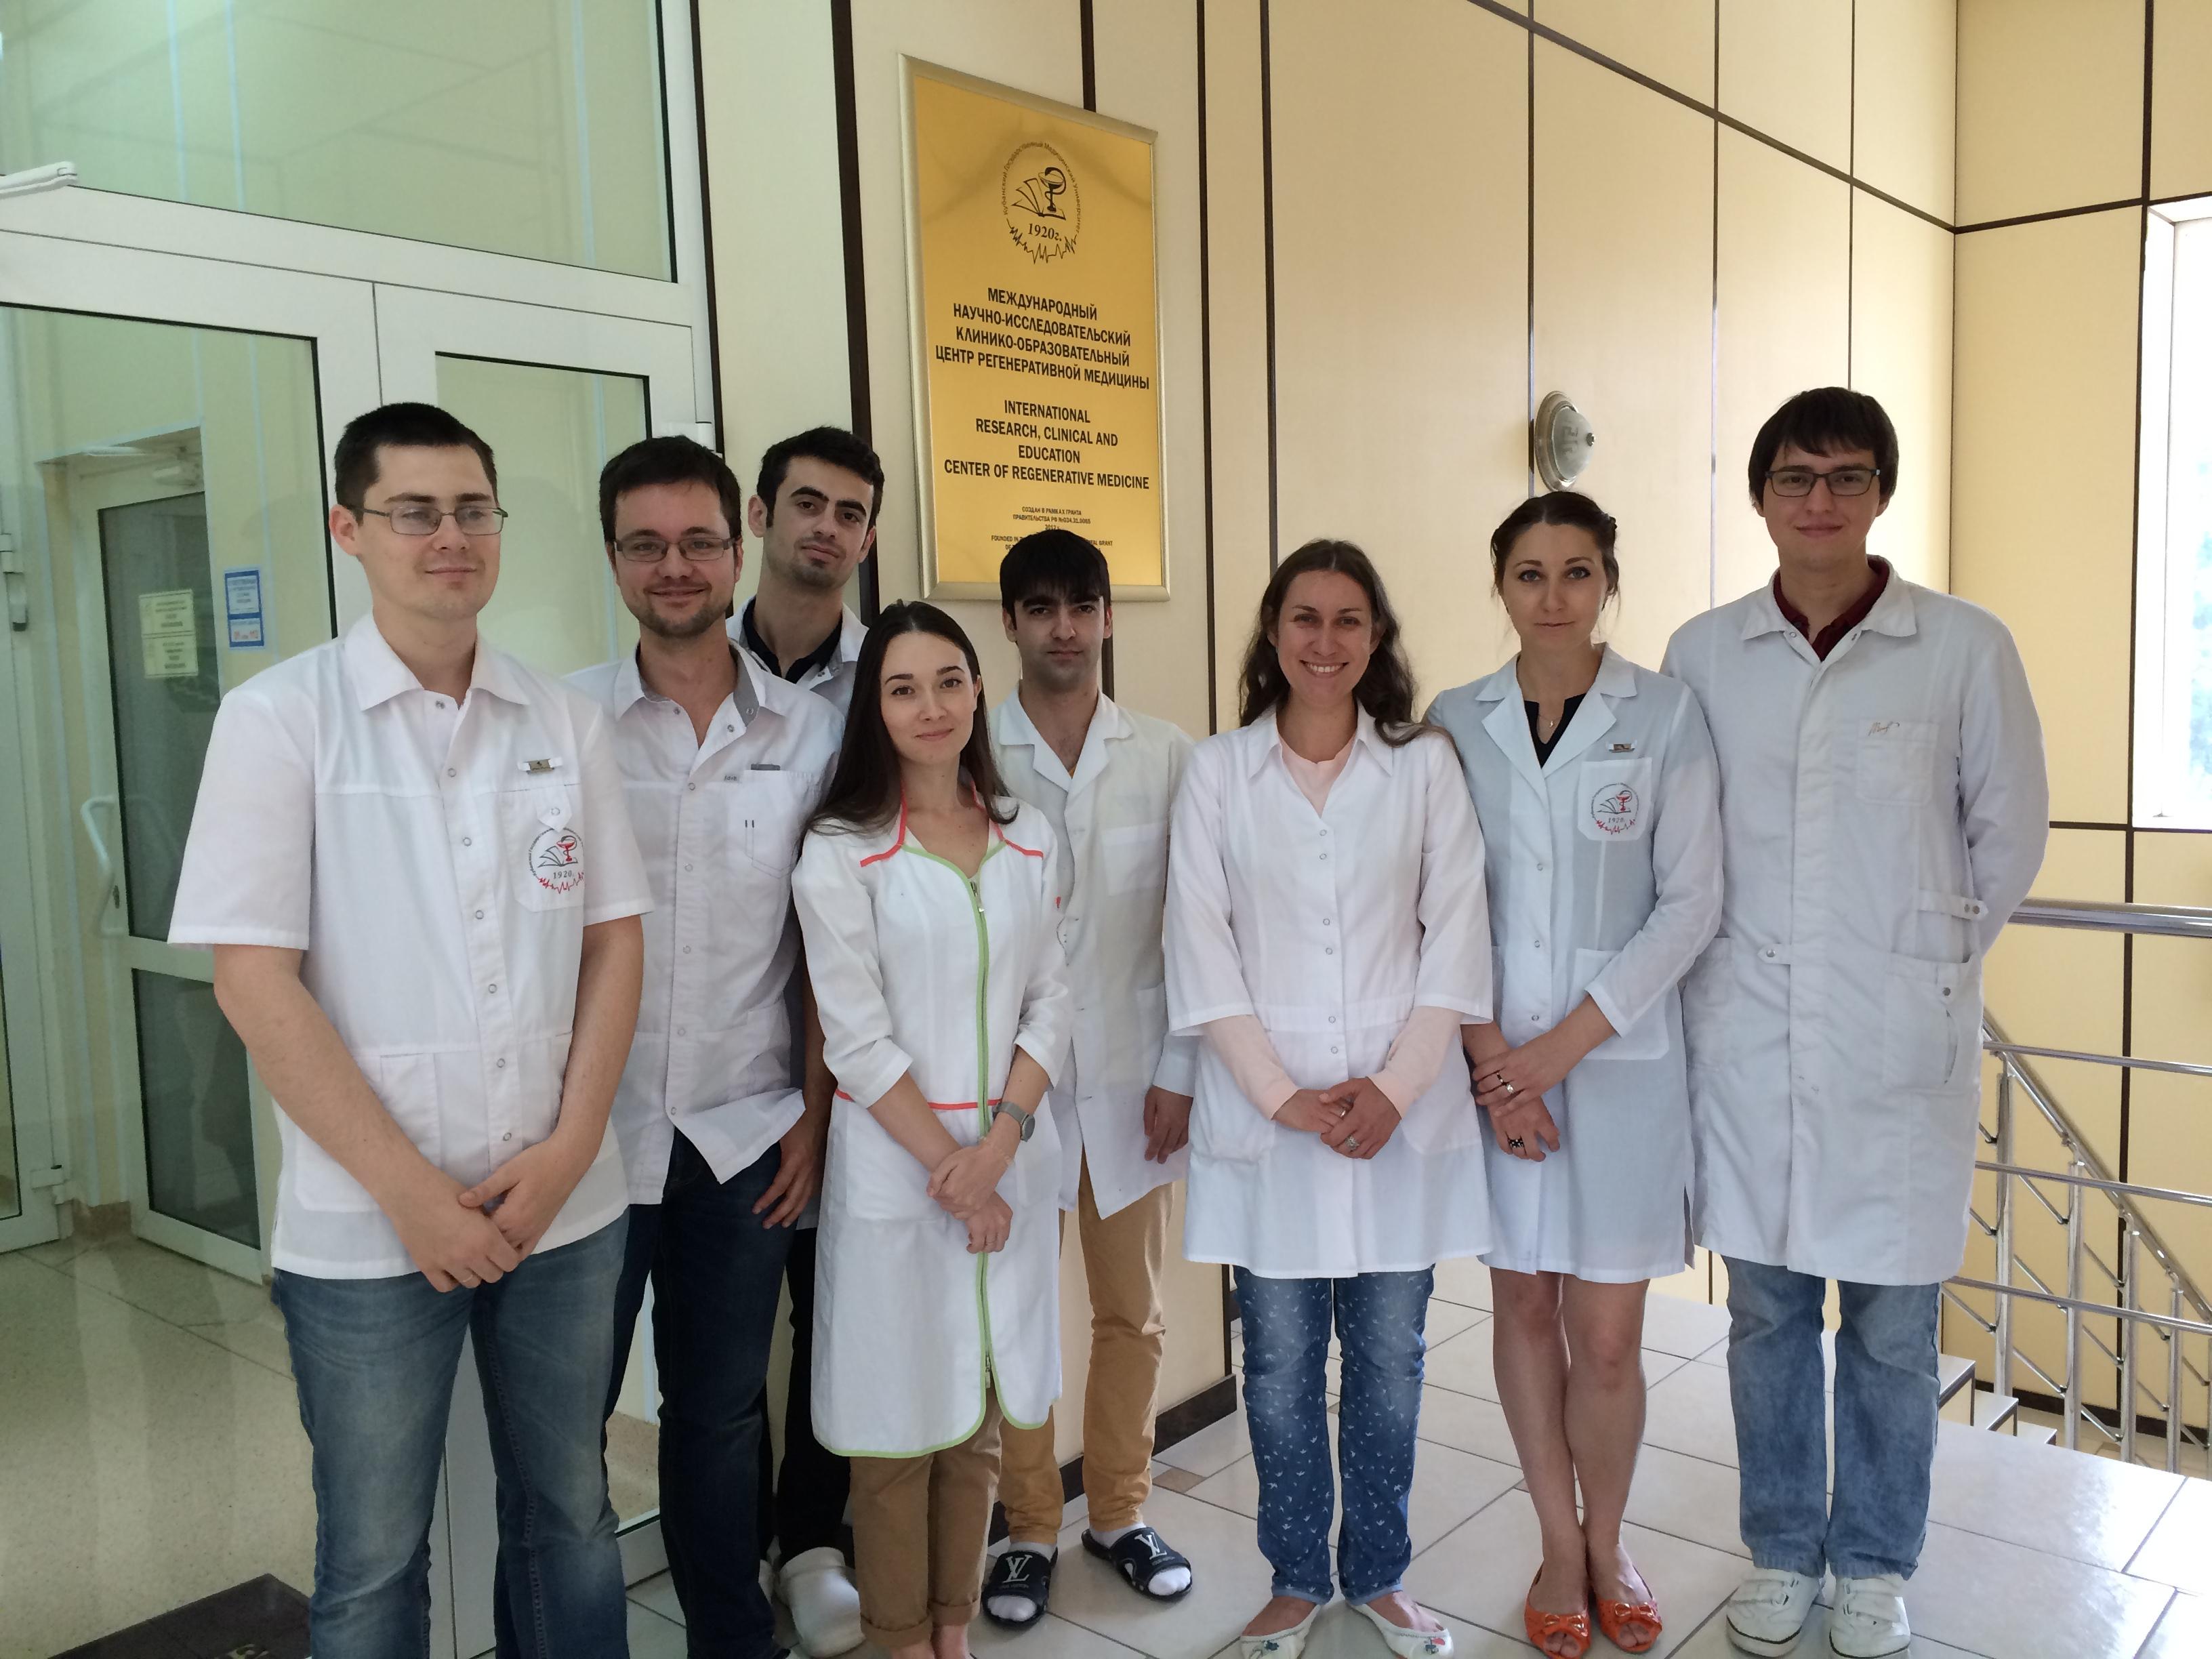 Сотрудники лаборатории фундаментальных исследований Международного научно-исследовательского клинико-образовательного центра регенеративной медицины.